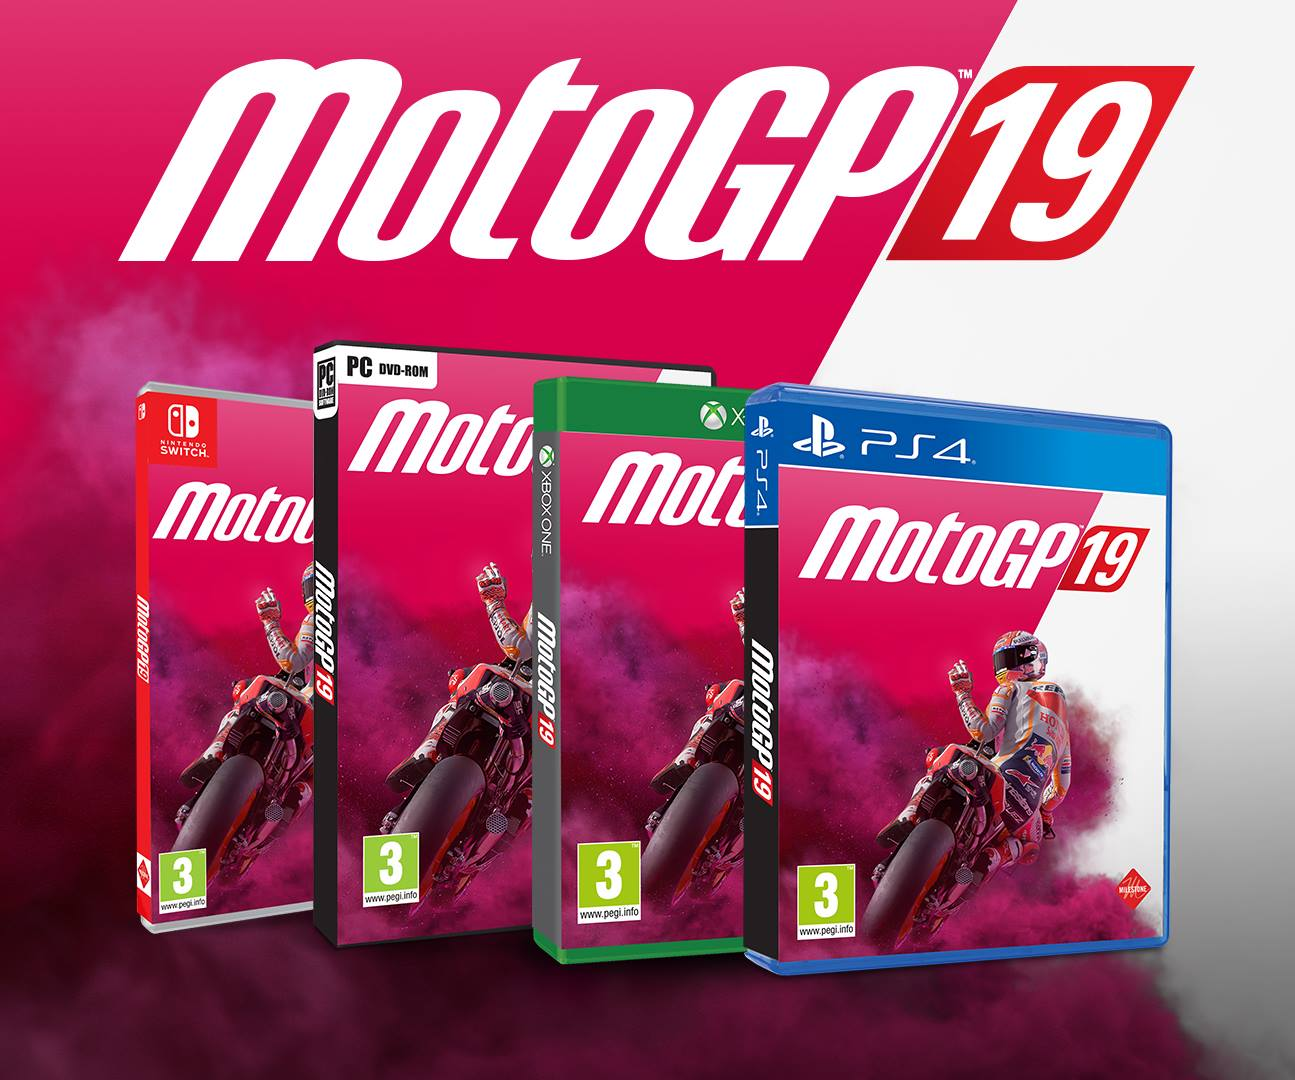 MotoGP 19 is released!